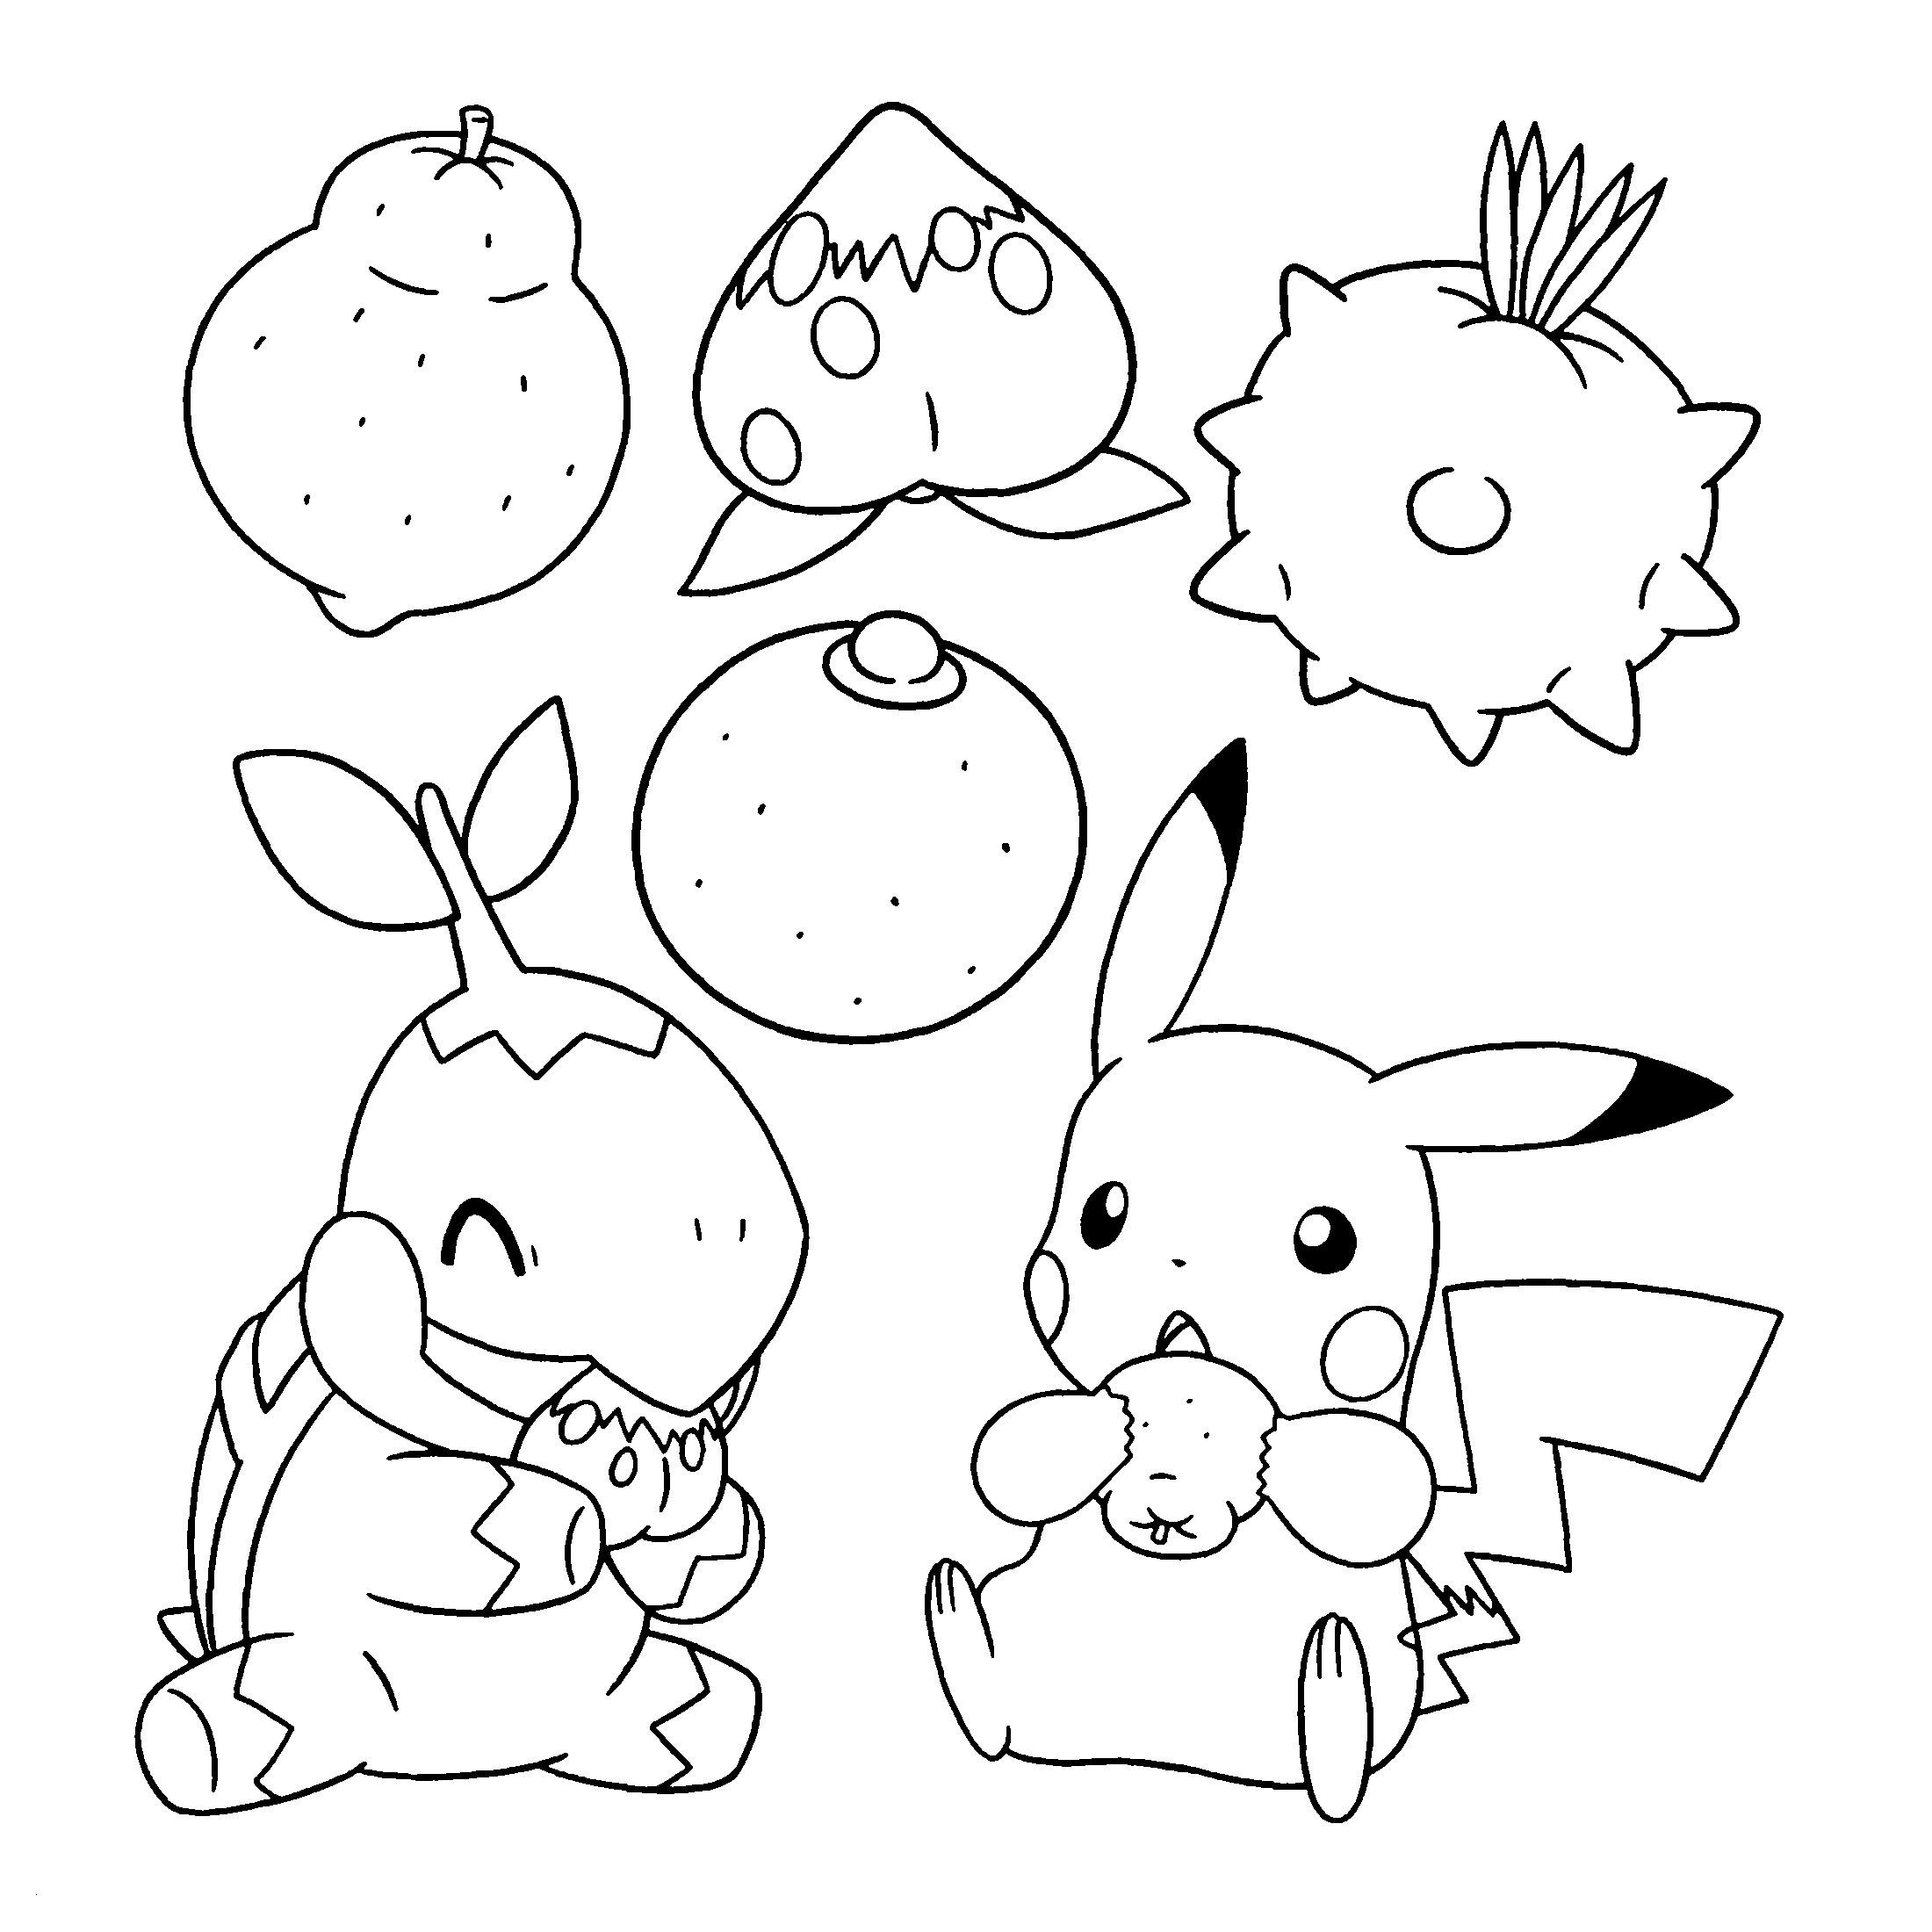 Pokemon Bilder Zum Ausdrucken In Farbe Einzigartig Pokemon Diamond Pearl Coloring Pages Pokémon Pinterest Neu Bilder